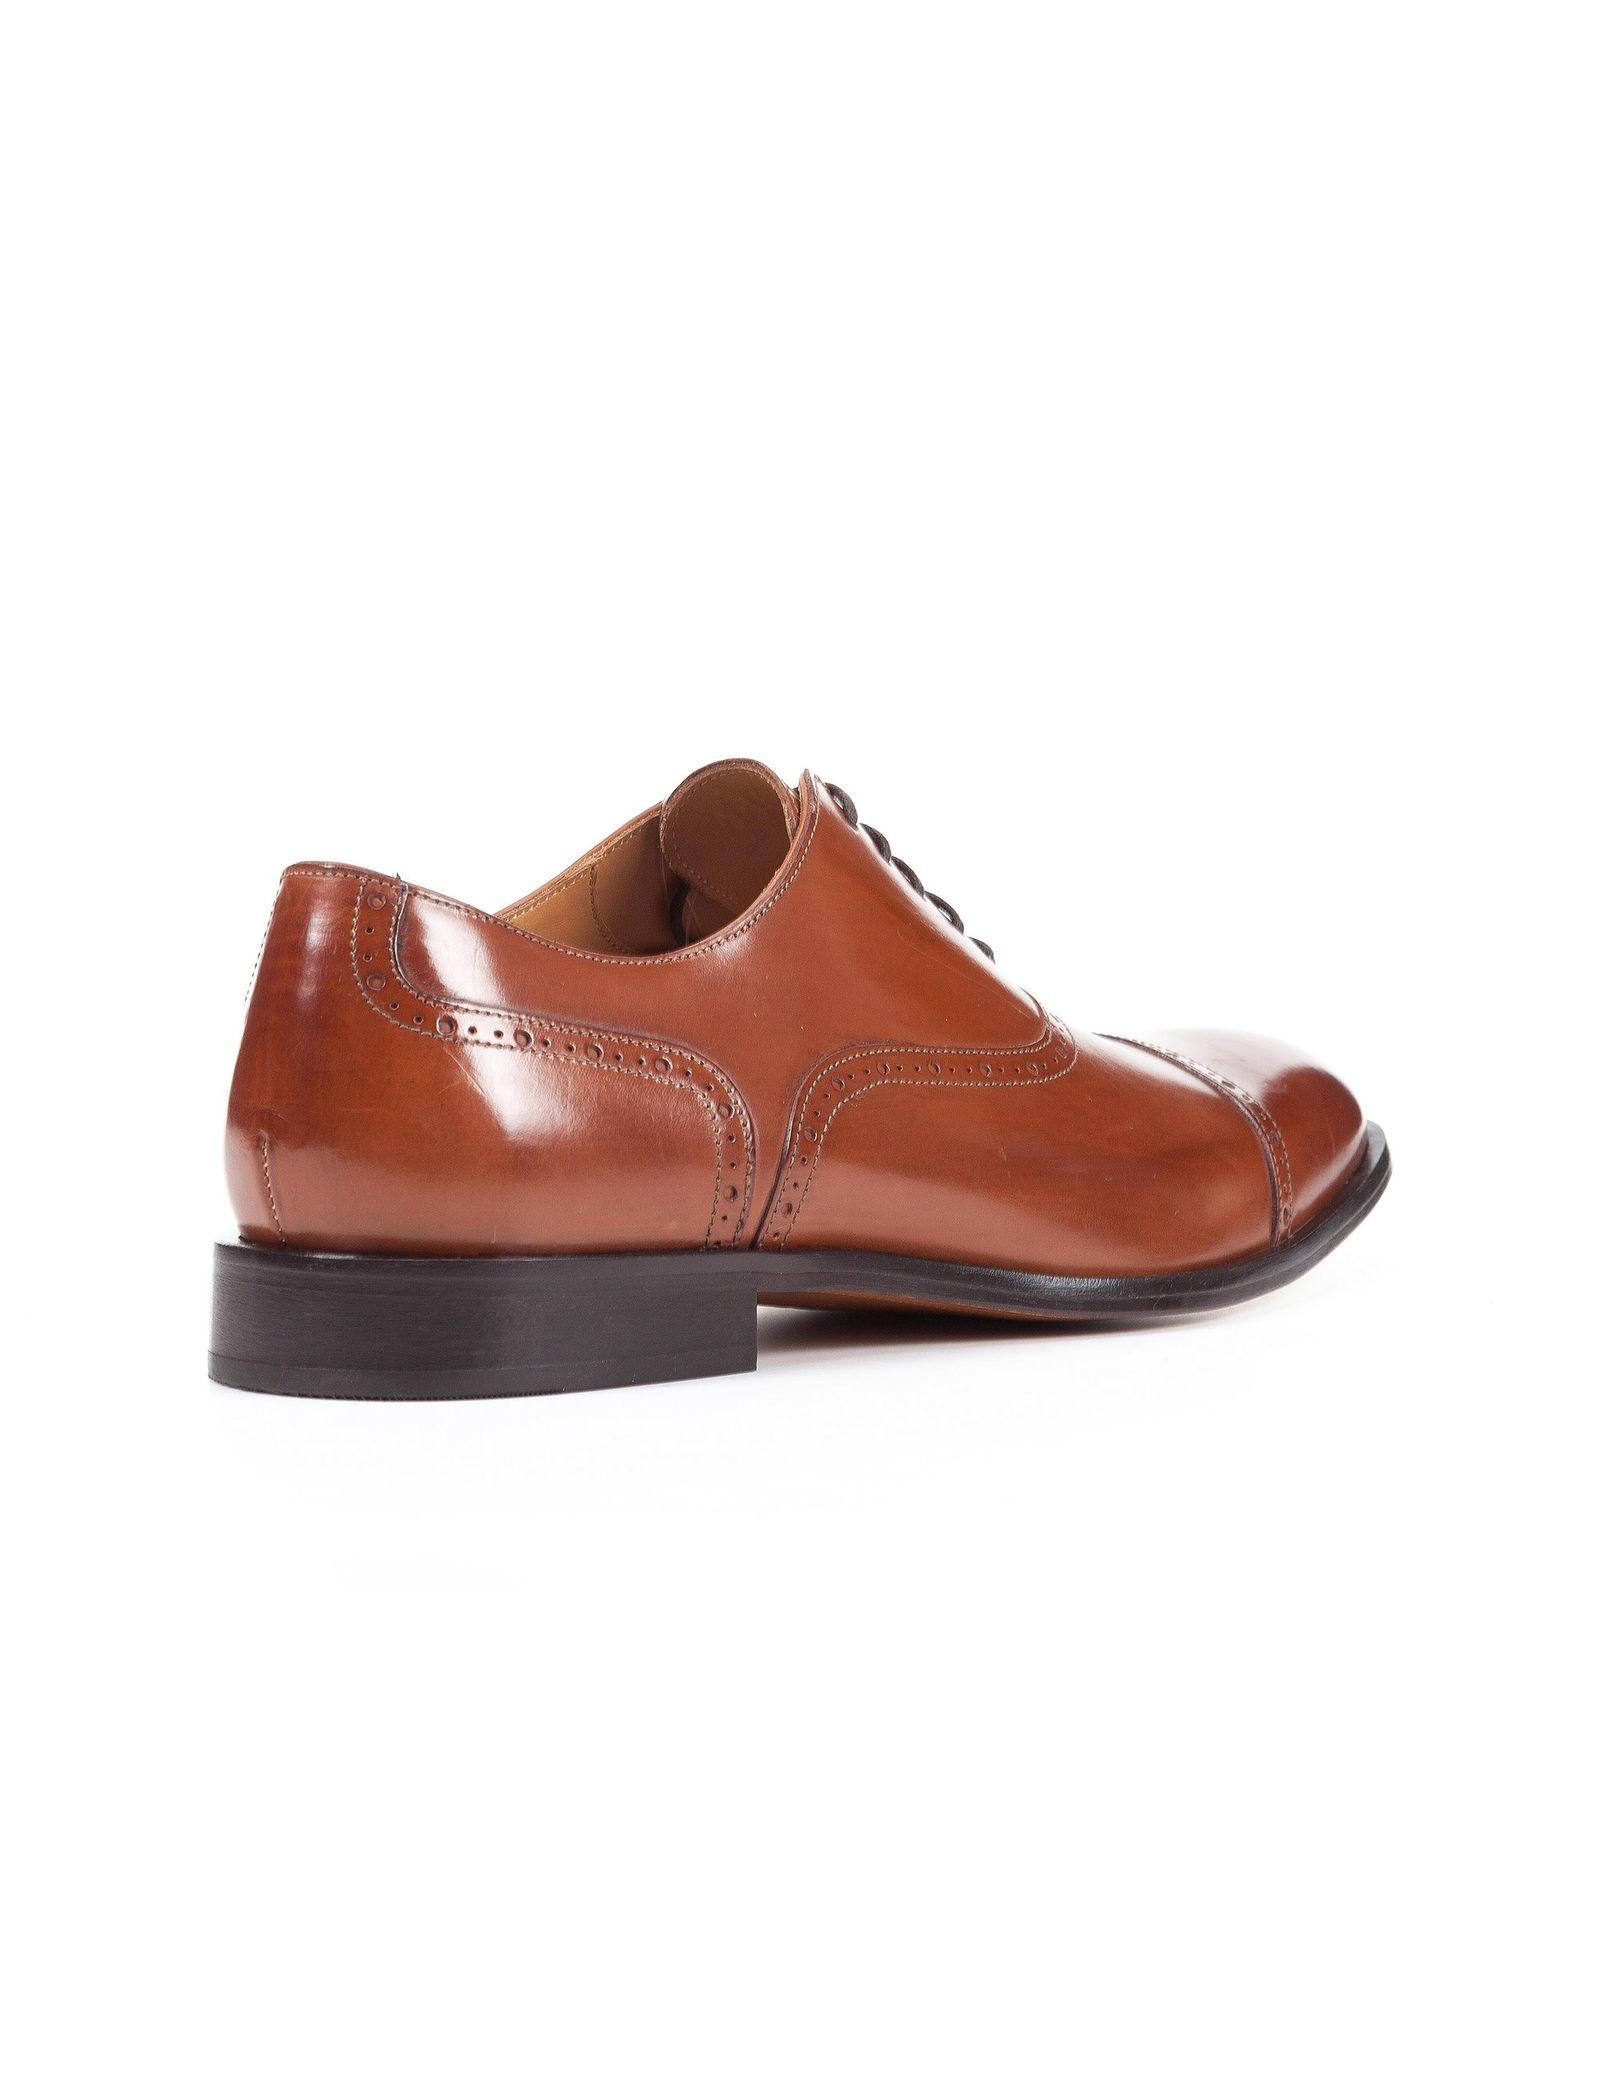 کفش رسمی چرم مردانه Saymore A - جی اوکس - قهوه اي  - 4